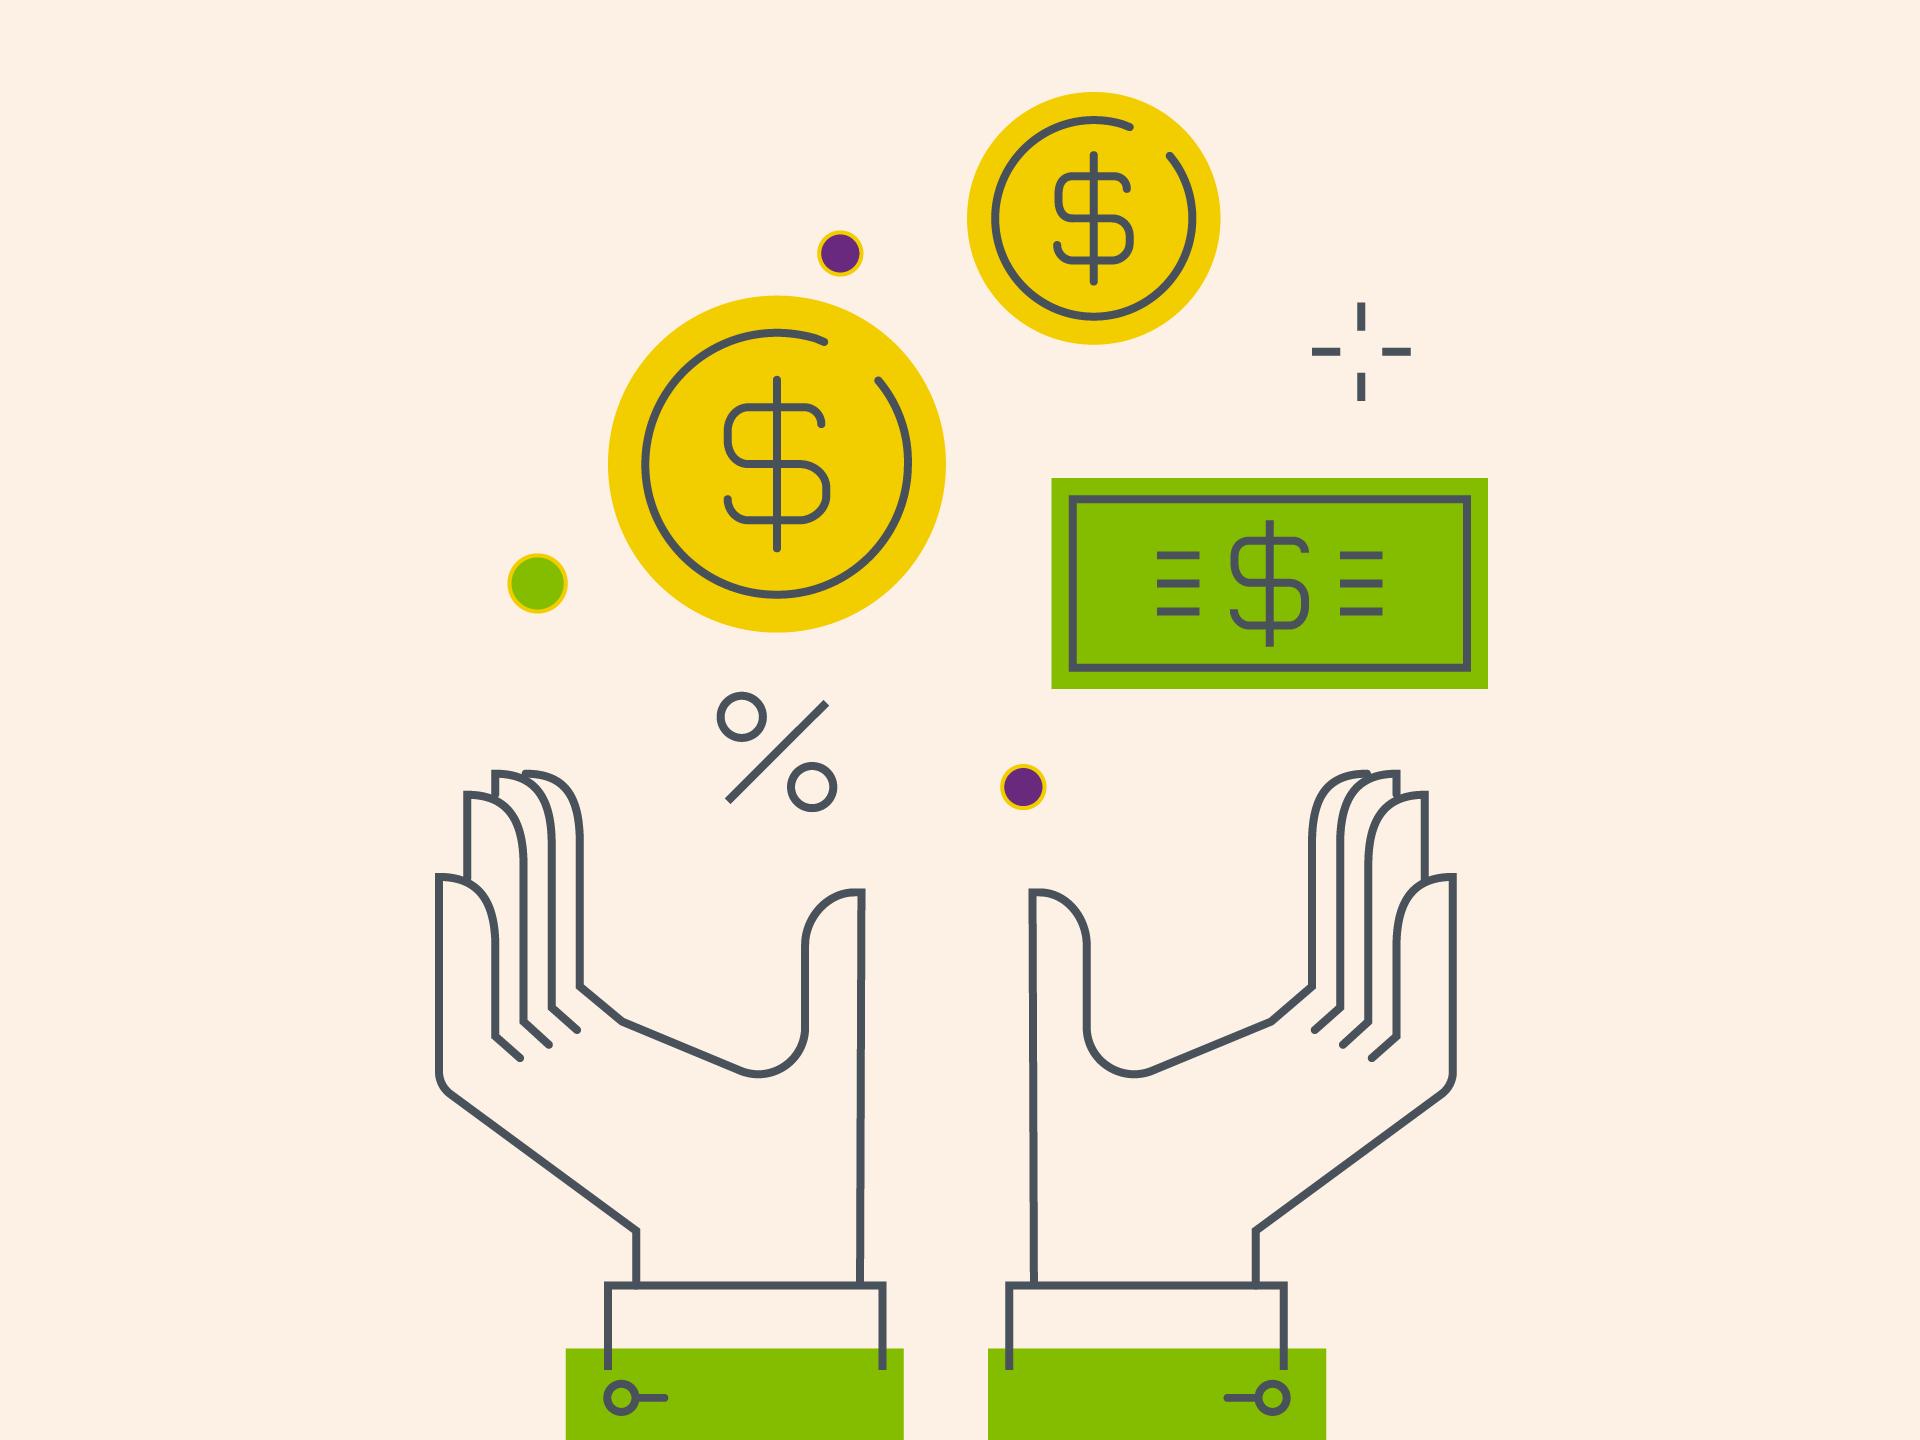 Tỷ suất lợi nhuận là gì? Công thức và cánh tính đúng quy định - jes.edu.vn